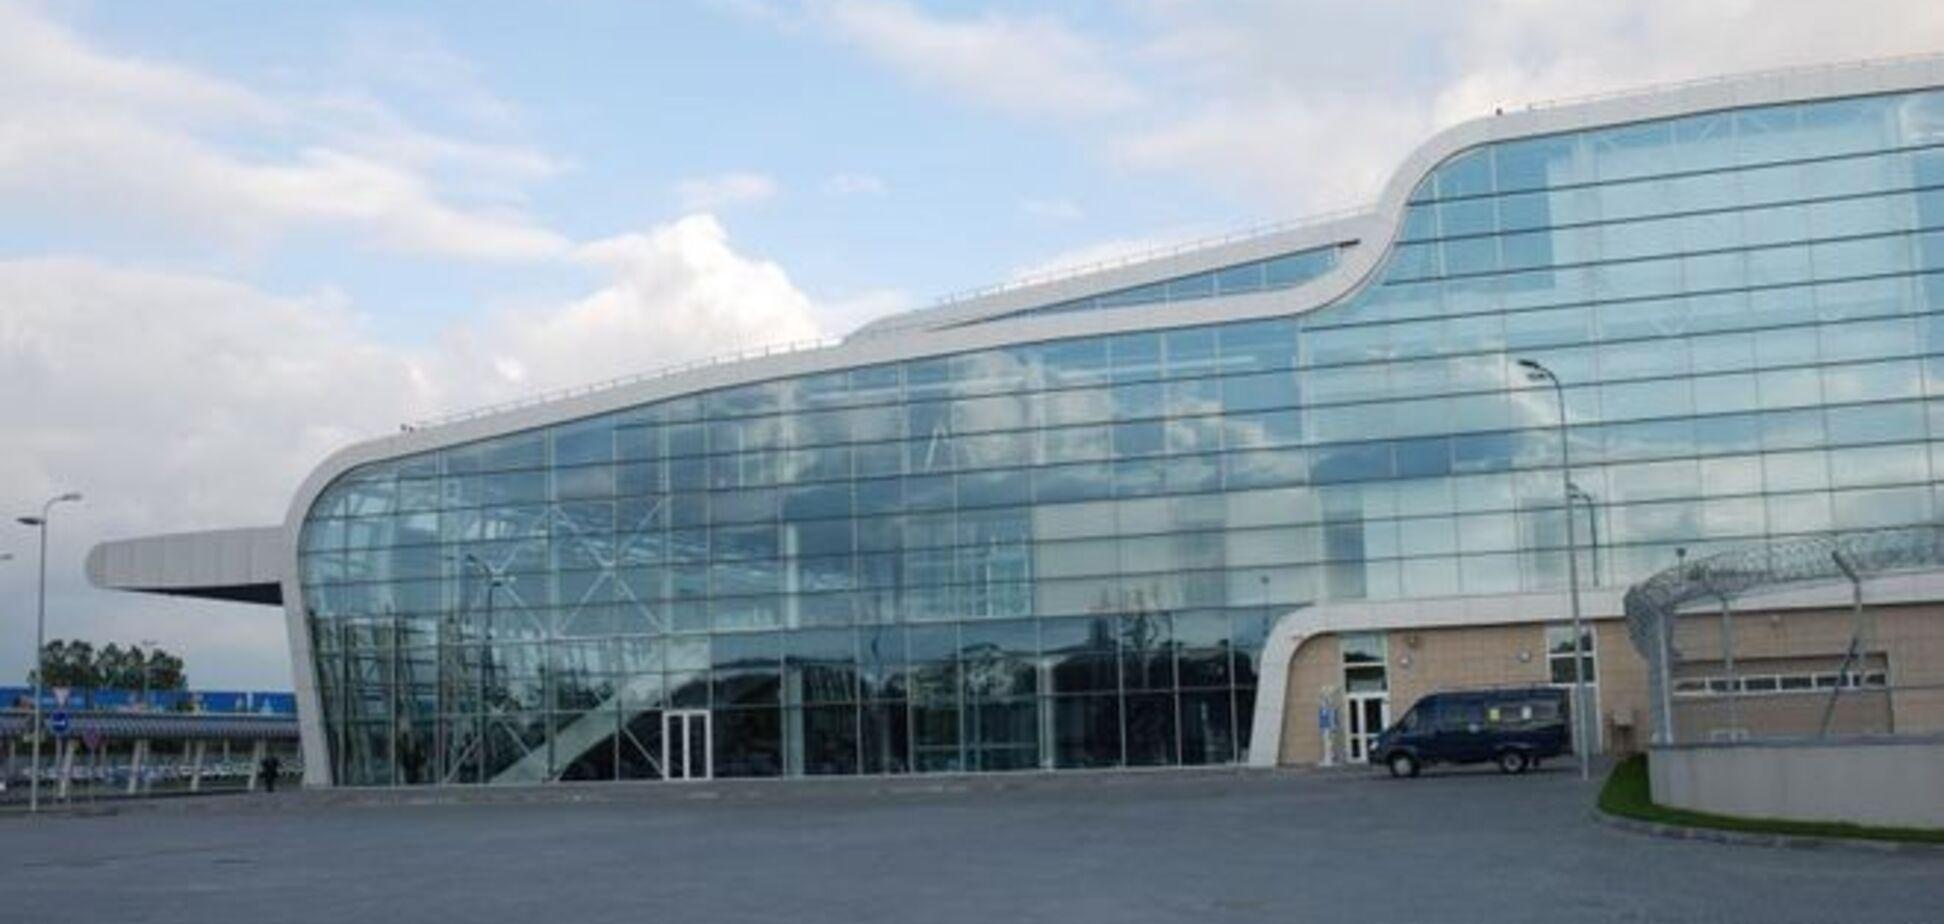 Во Львове из международного аэропорта эвакуировали людей после сообщения о 'минировании'